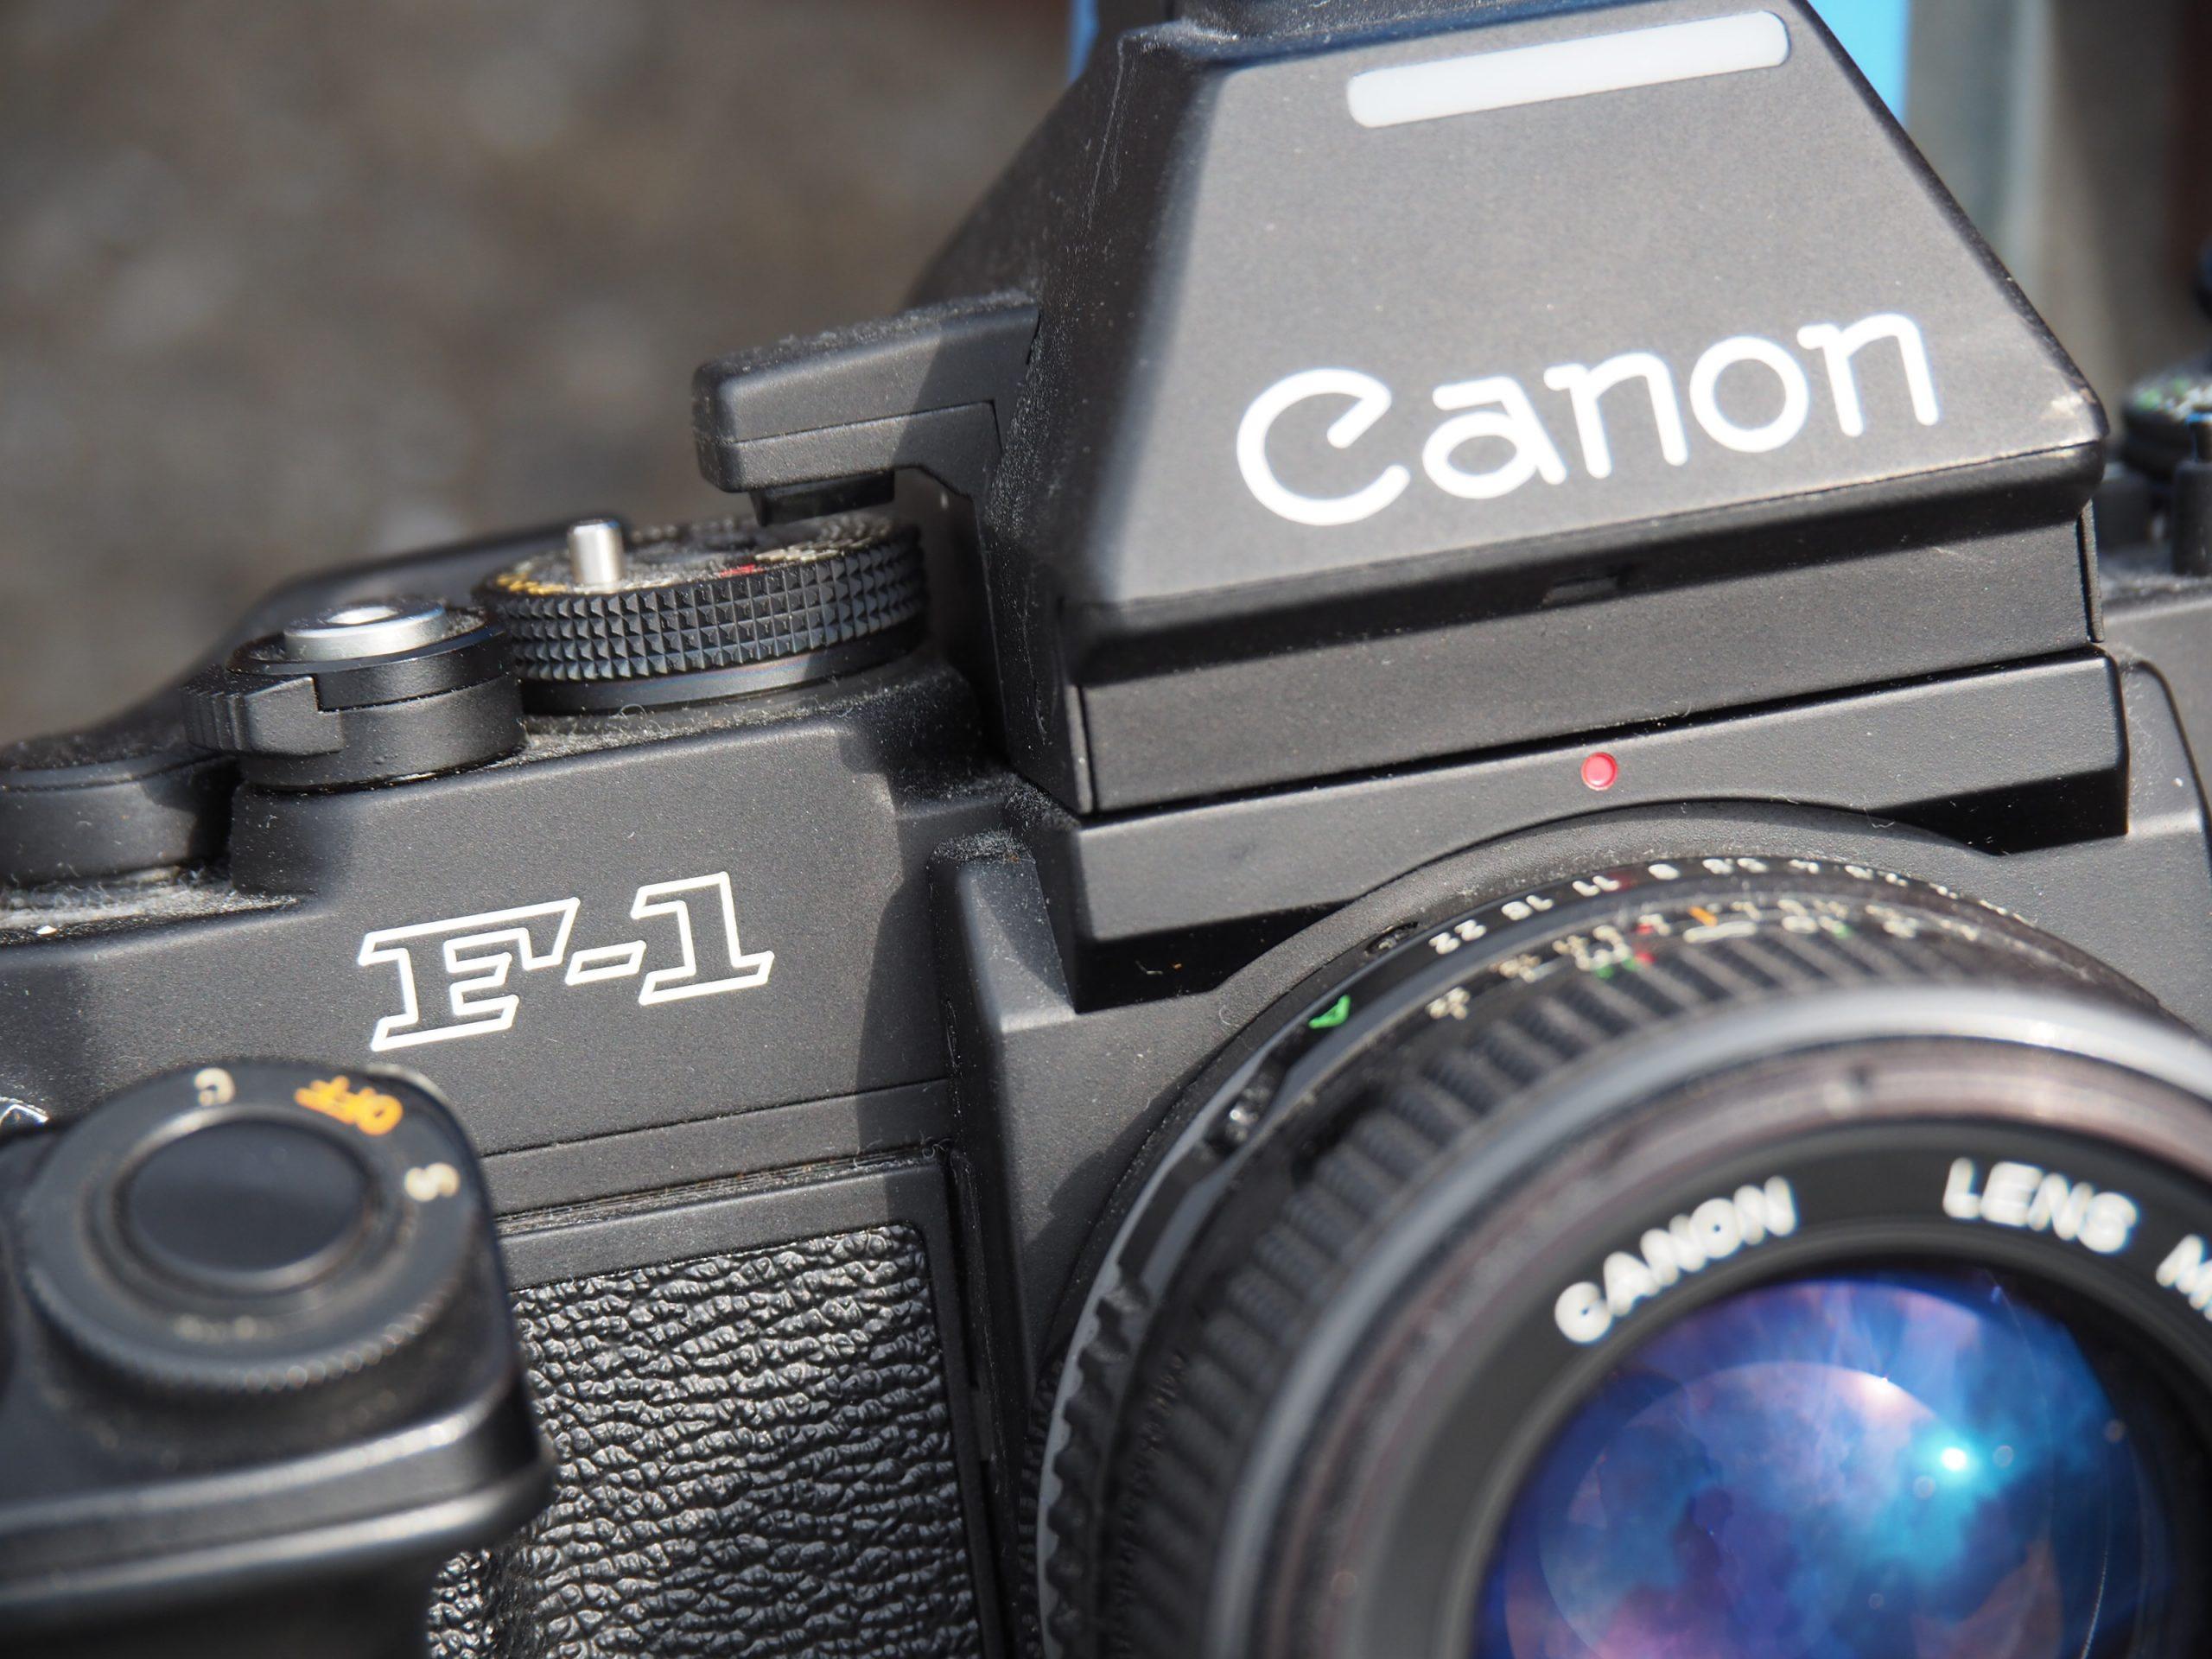 【Canon】カメラを撮る